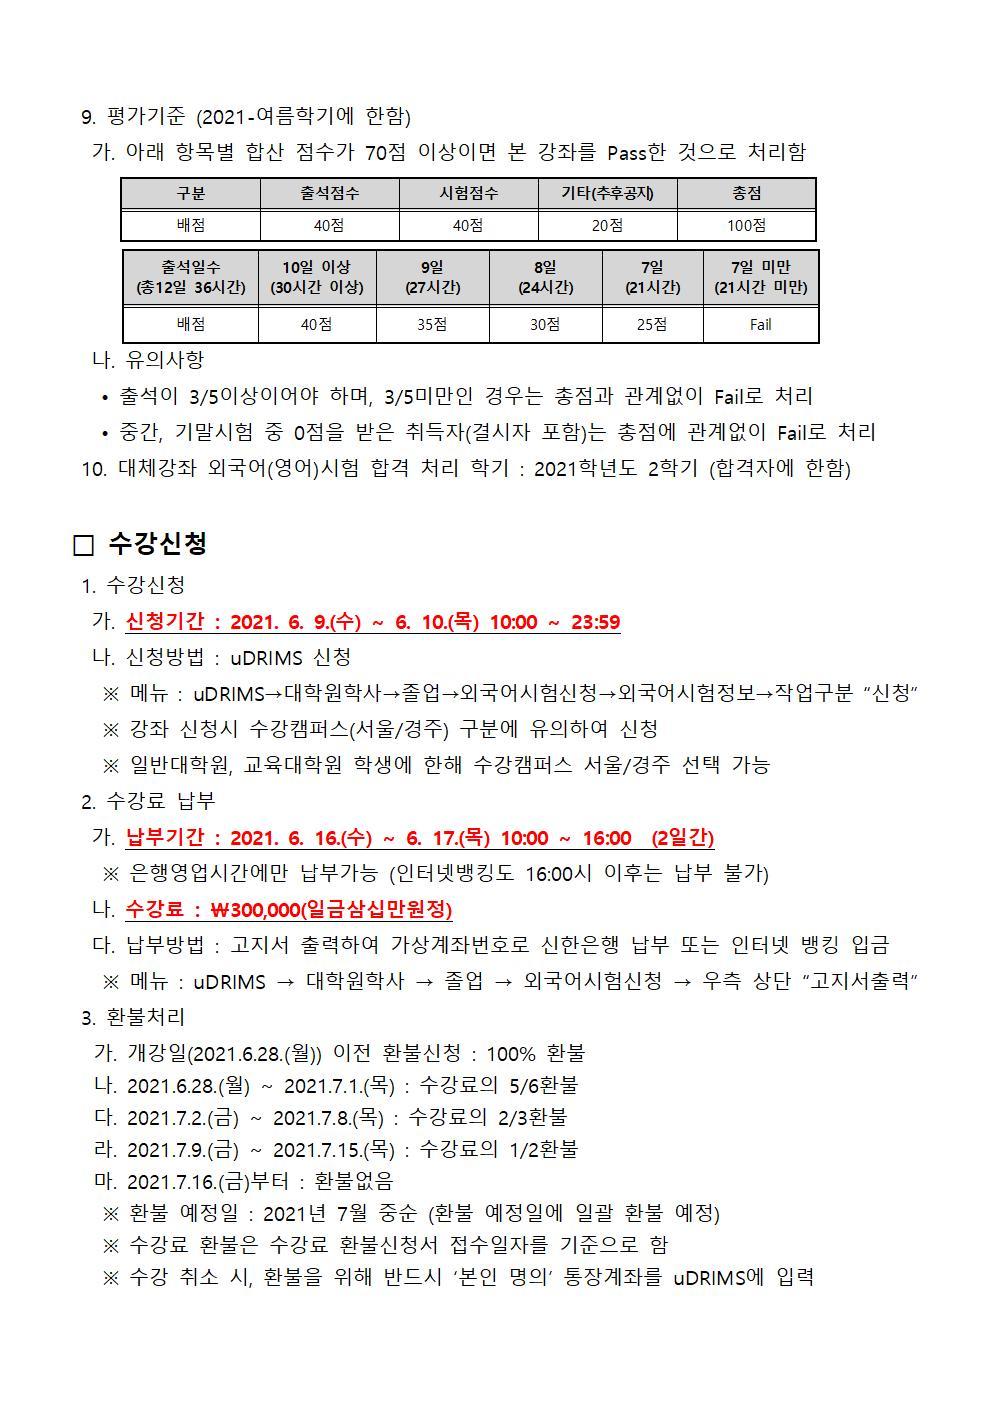 2. 외국어(영어)시험 대체강좌 시행 안내문(공지용)_일정변경002